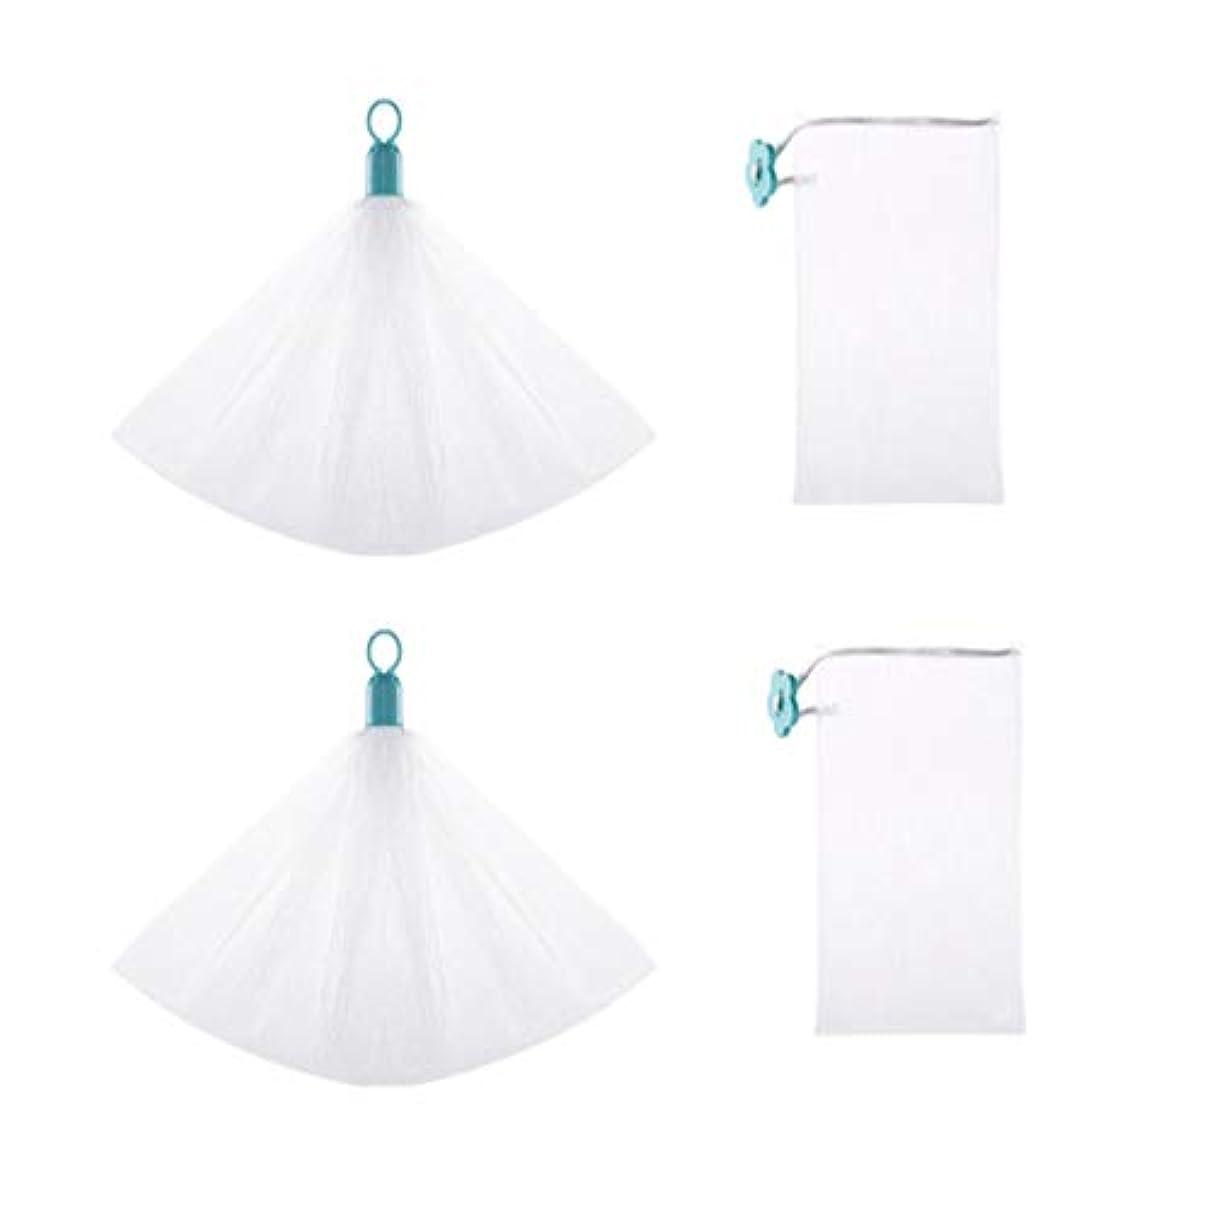 舌な贅沢スリッパMinkissy 4個ソープセーバーバッグ巾着ソープバッグ再利用可能な角質除去石鹸ポーチクリーニングシャワー用